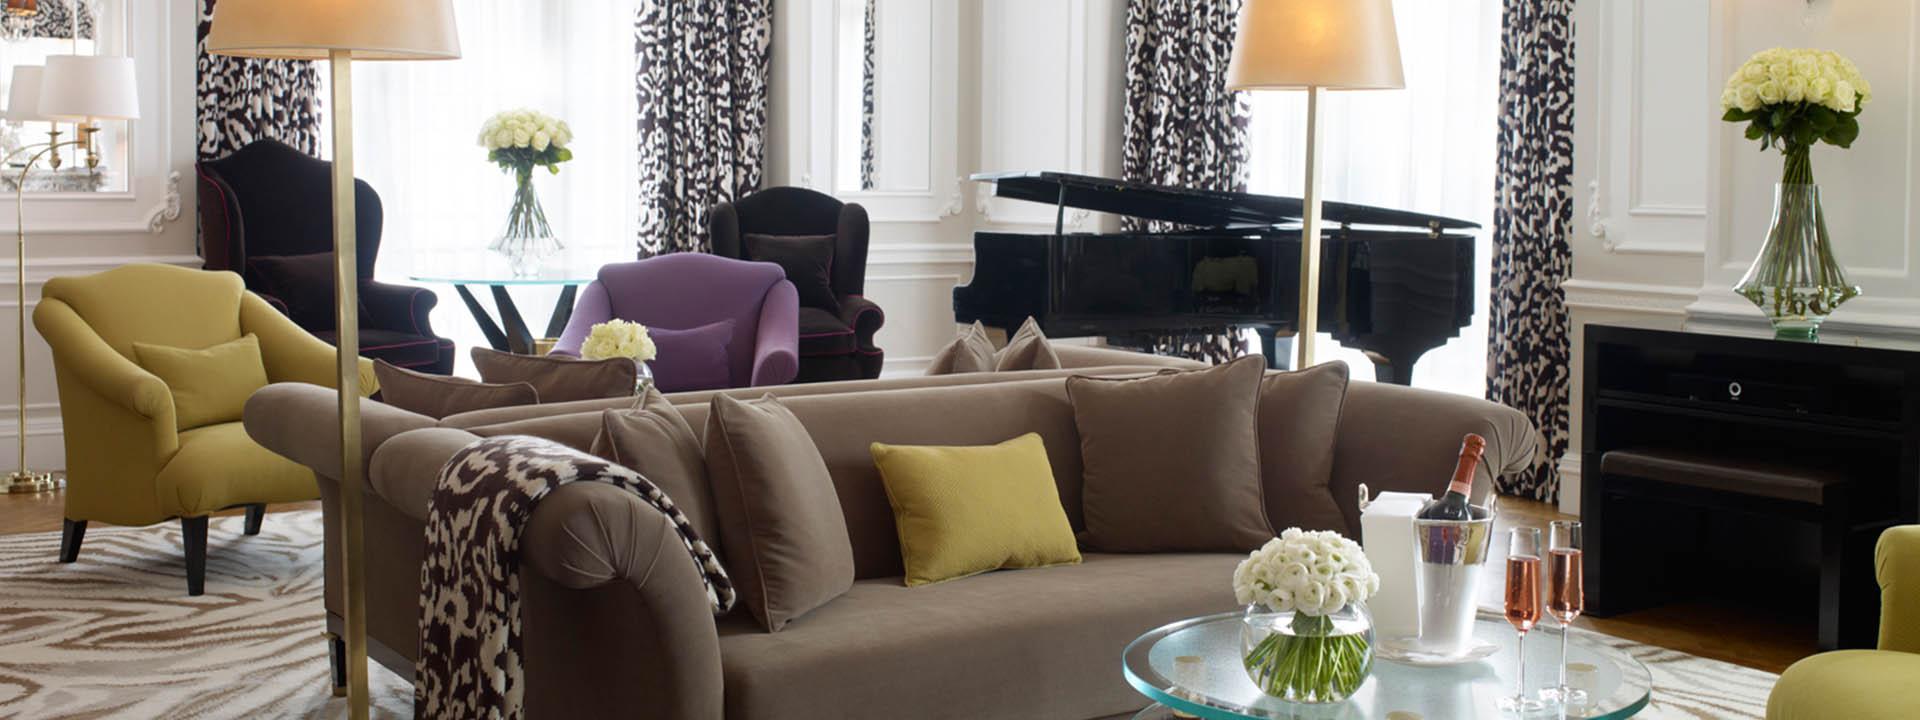 Suite Grand Piano da Dior em hotel de luxo